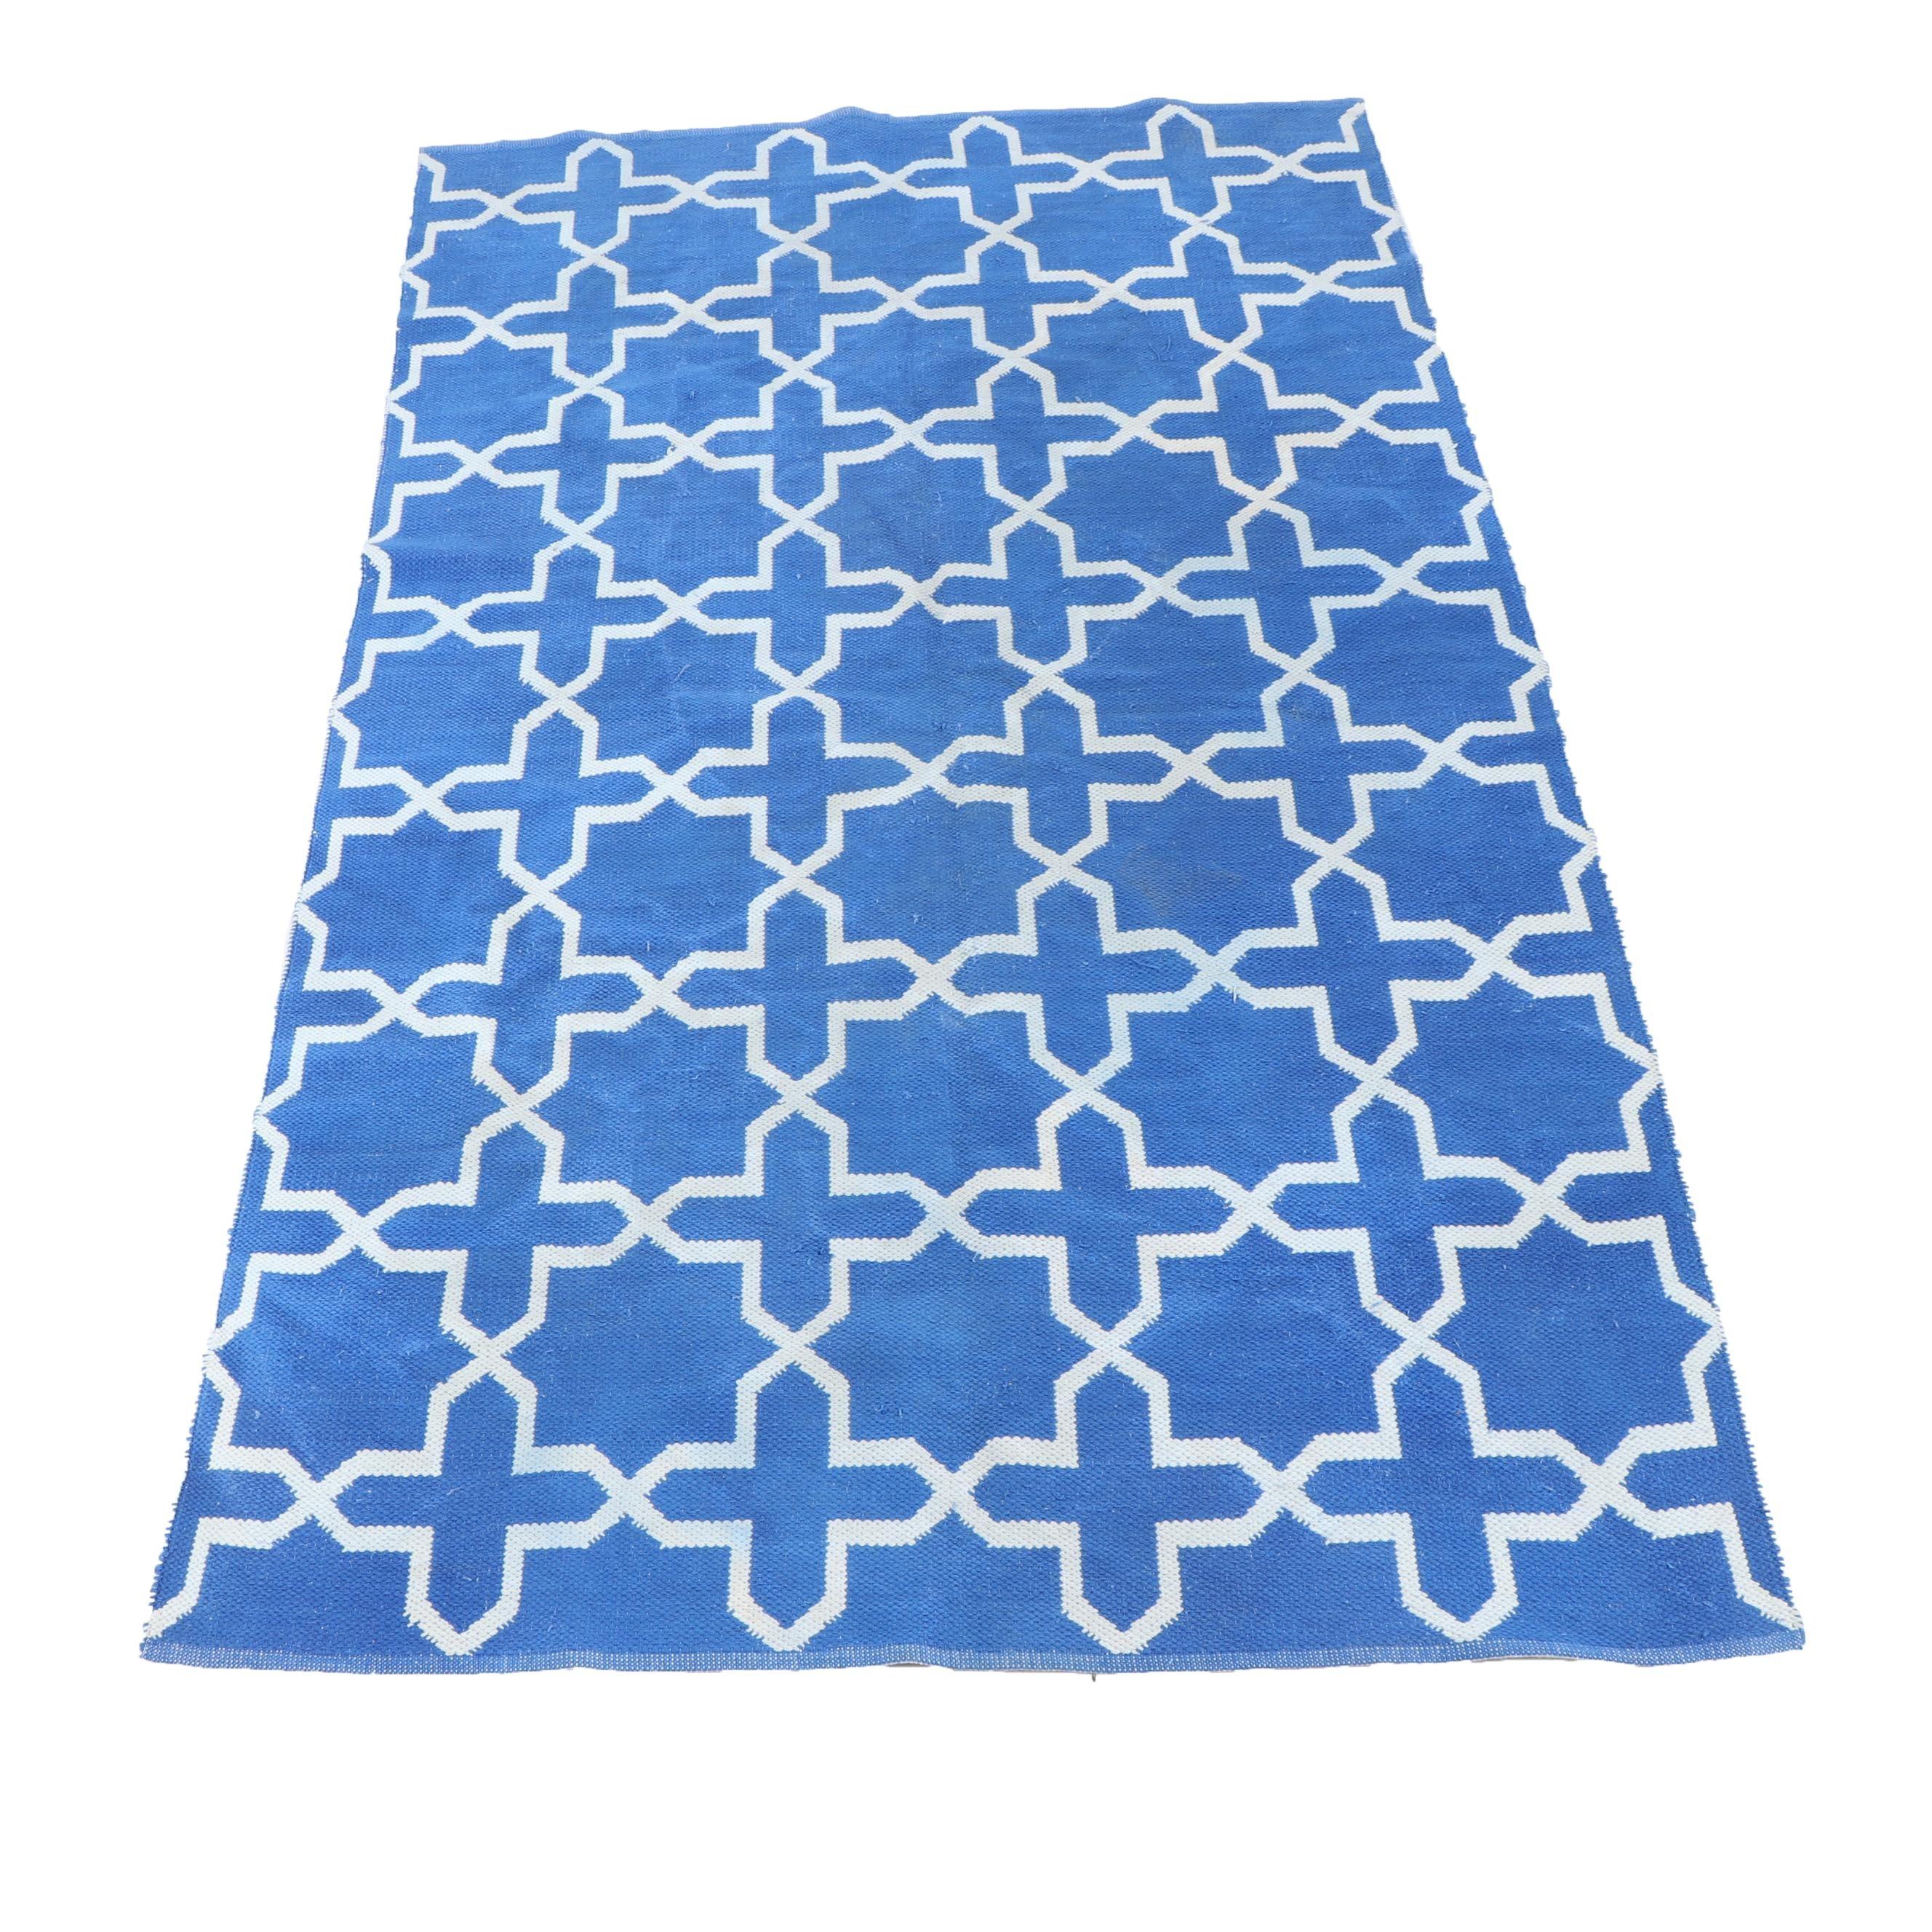 Handwoven Reversible Geometric Wool Dhurrie Rug